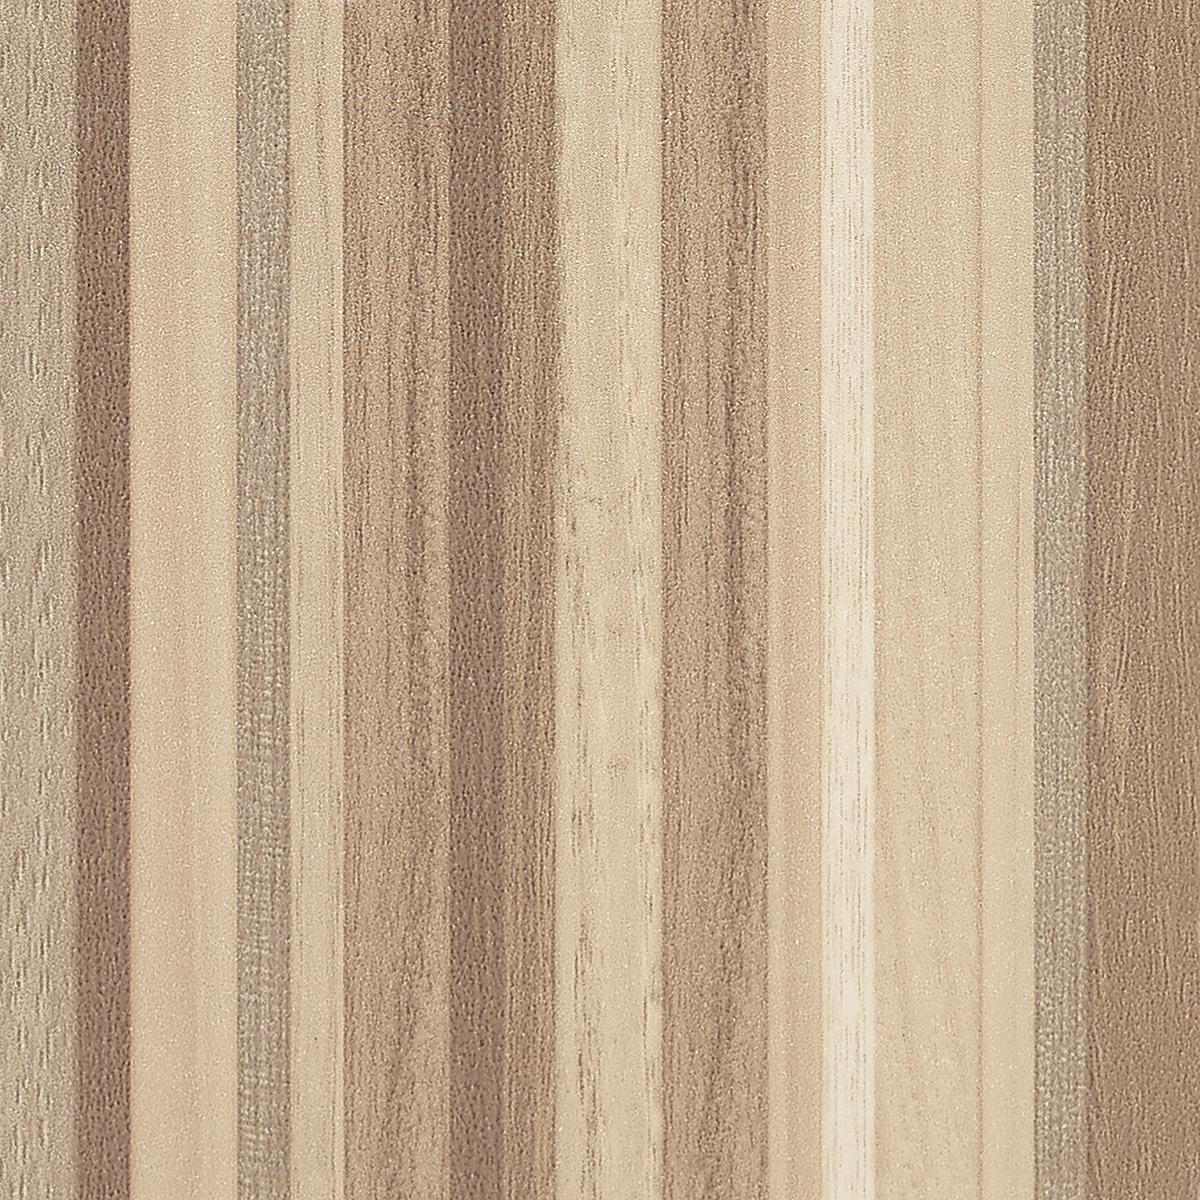 8840 Natural Ribbonwood - Formica